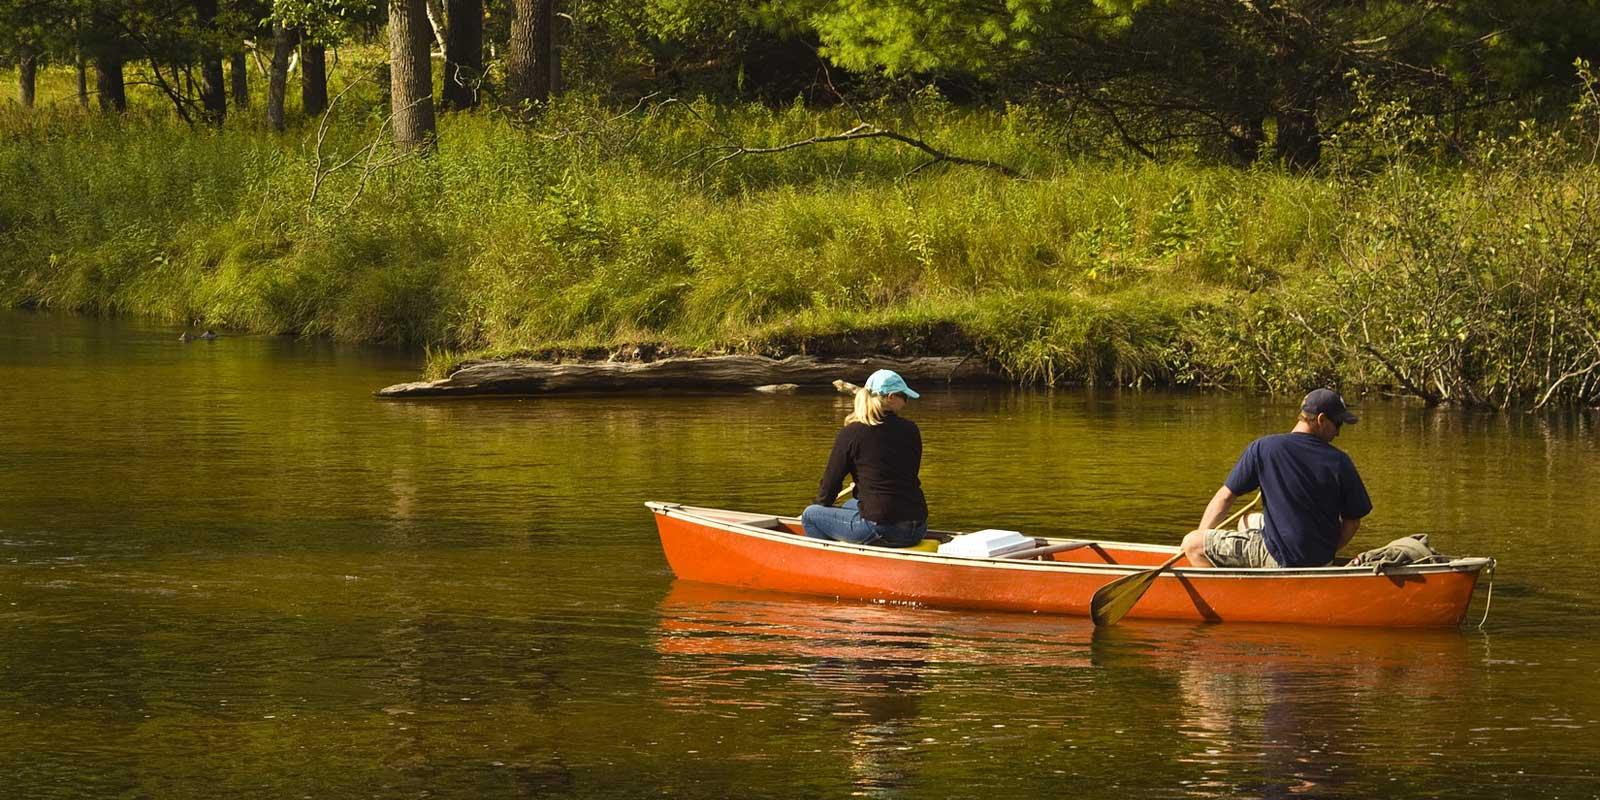 canoe-image-14